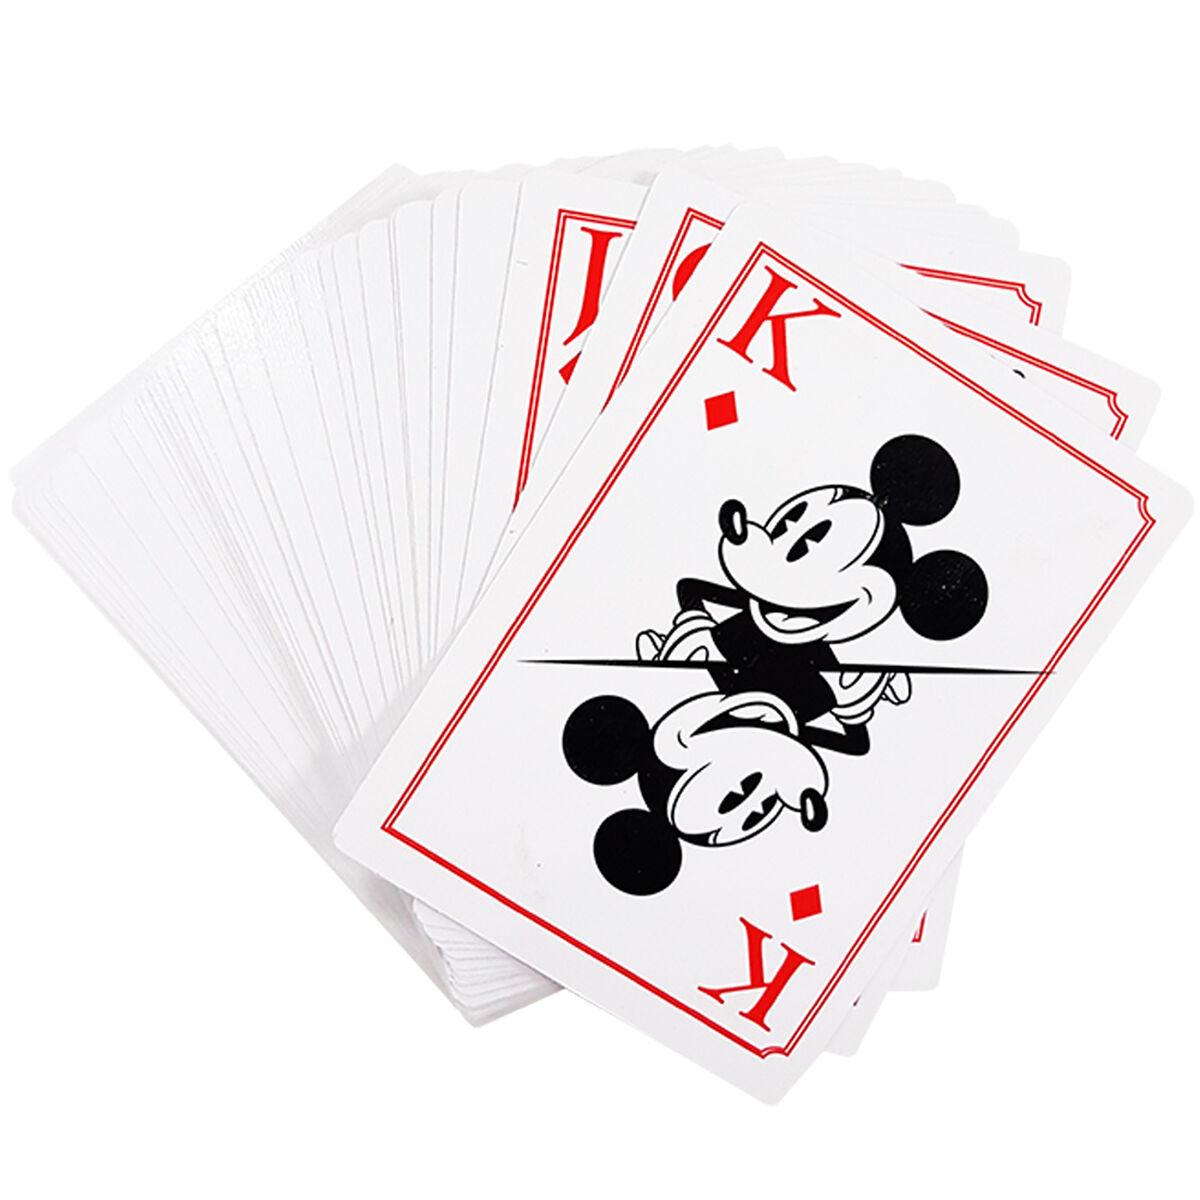 2 Juegos de Naipe Disney